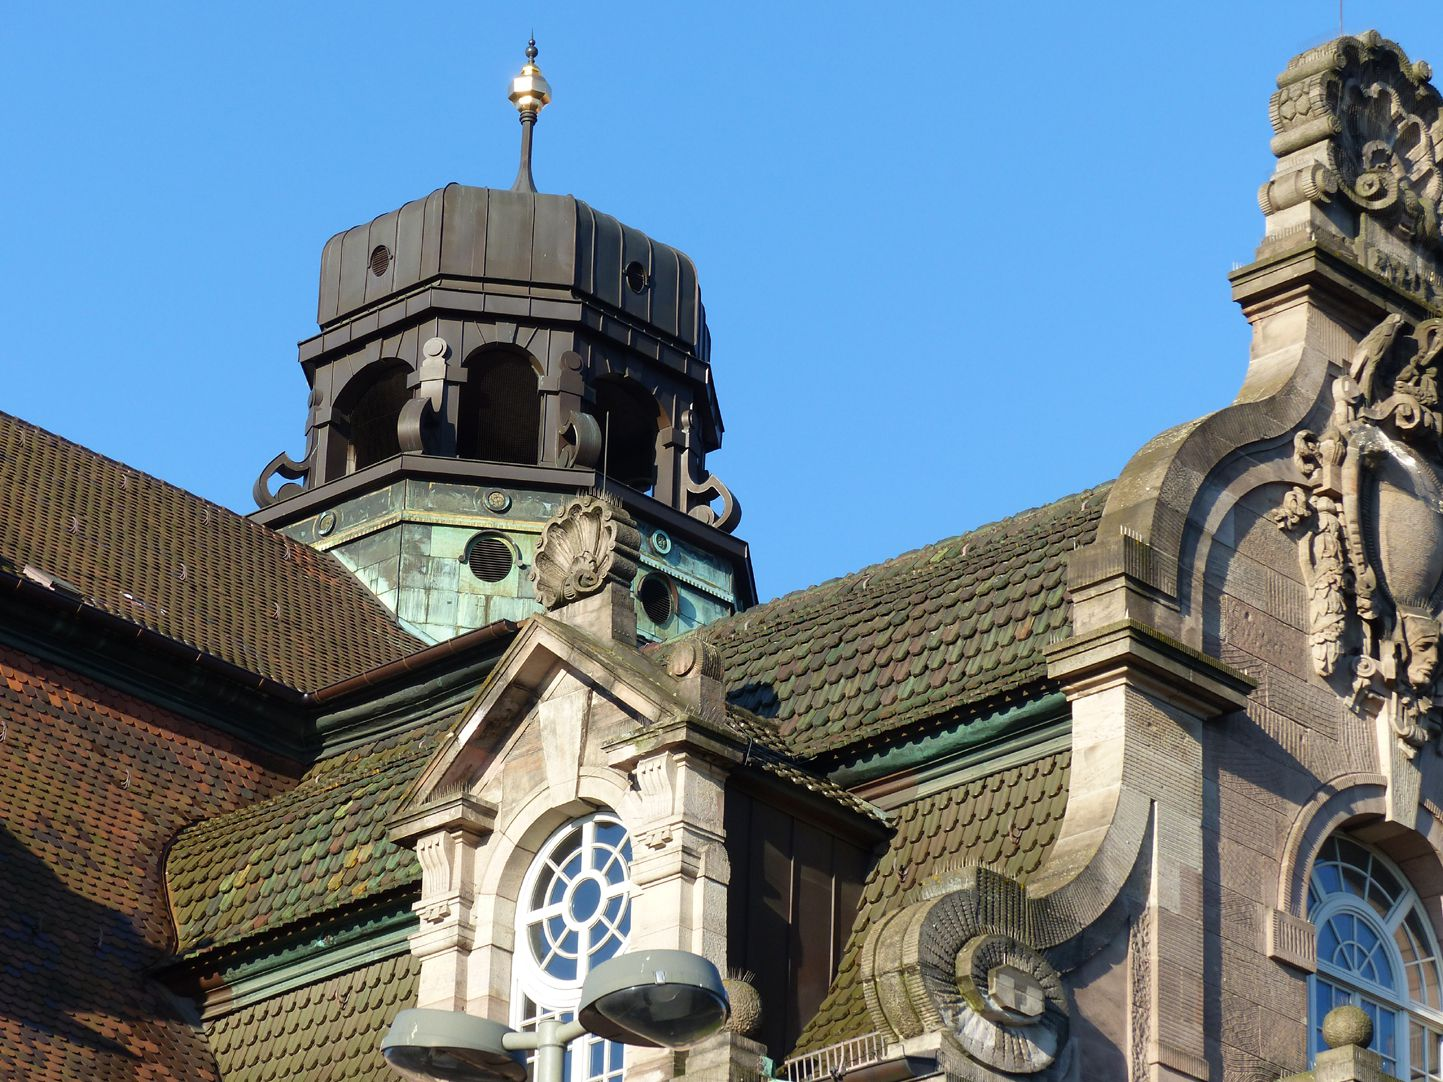 Opernhaus Neubarocke vordere Laterne mit Lukarne und Schweifgiebel im Vordergrund